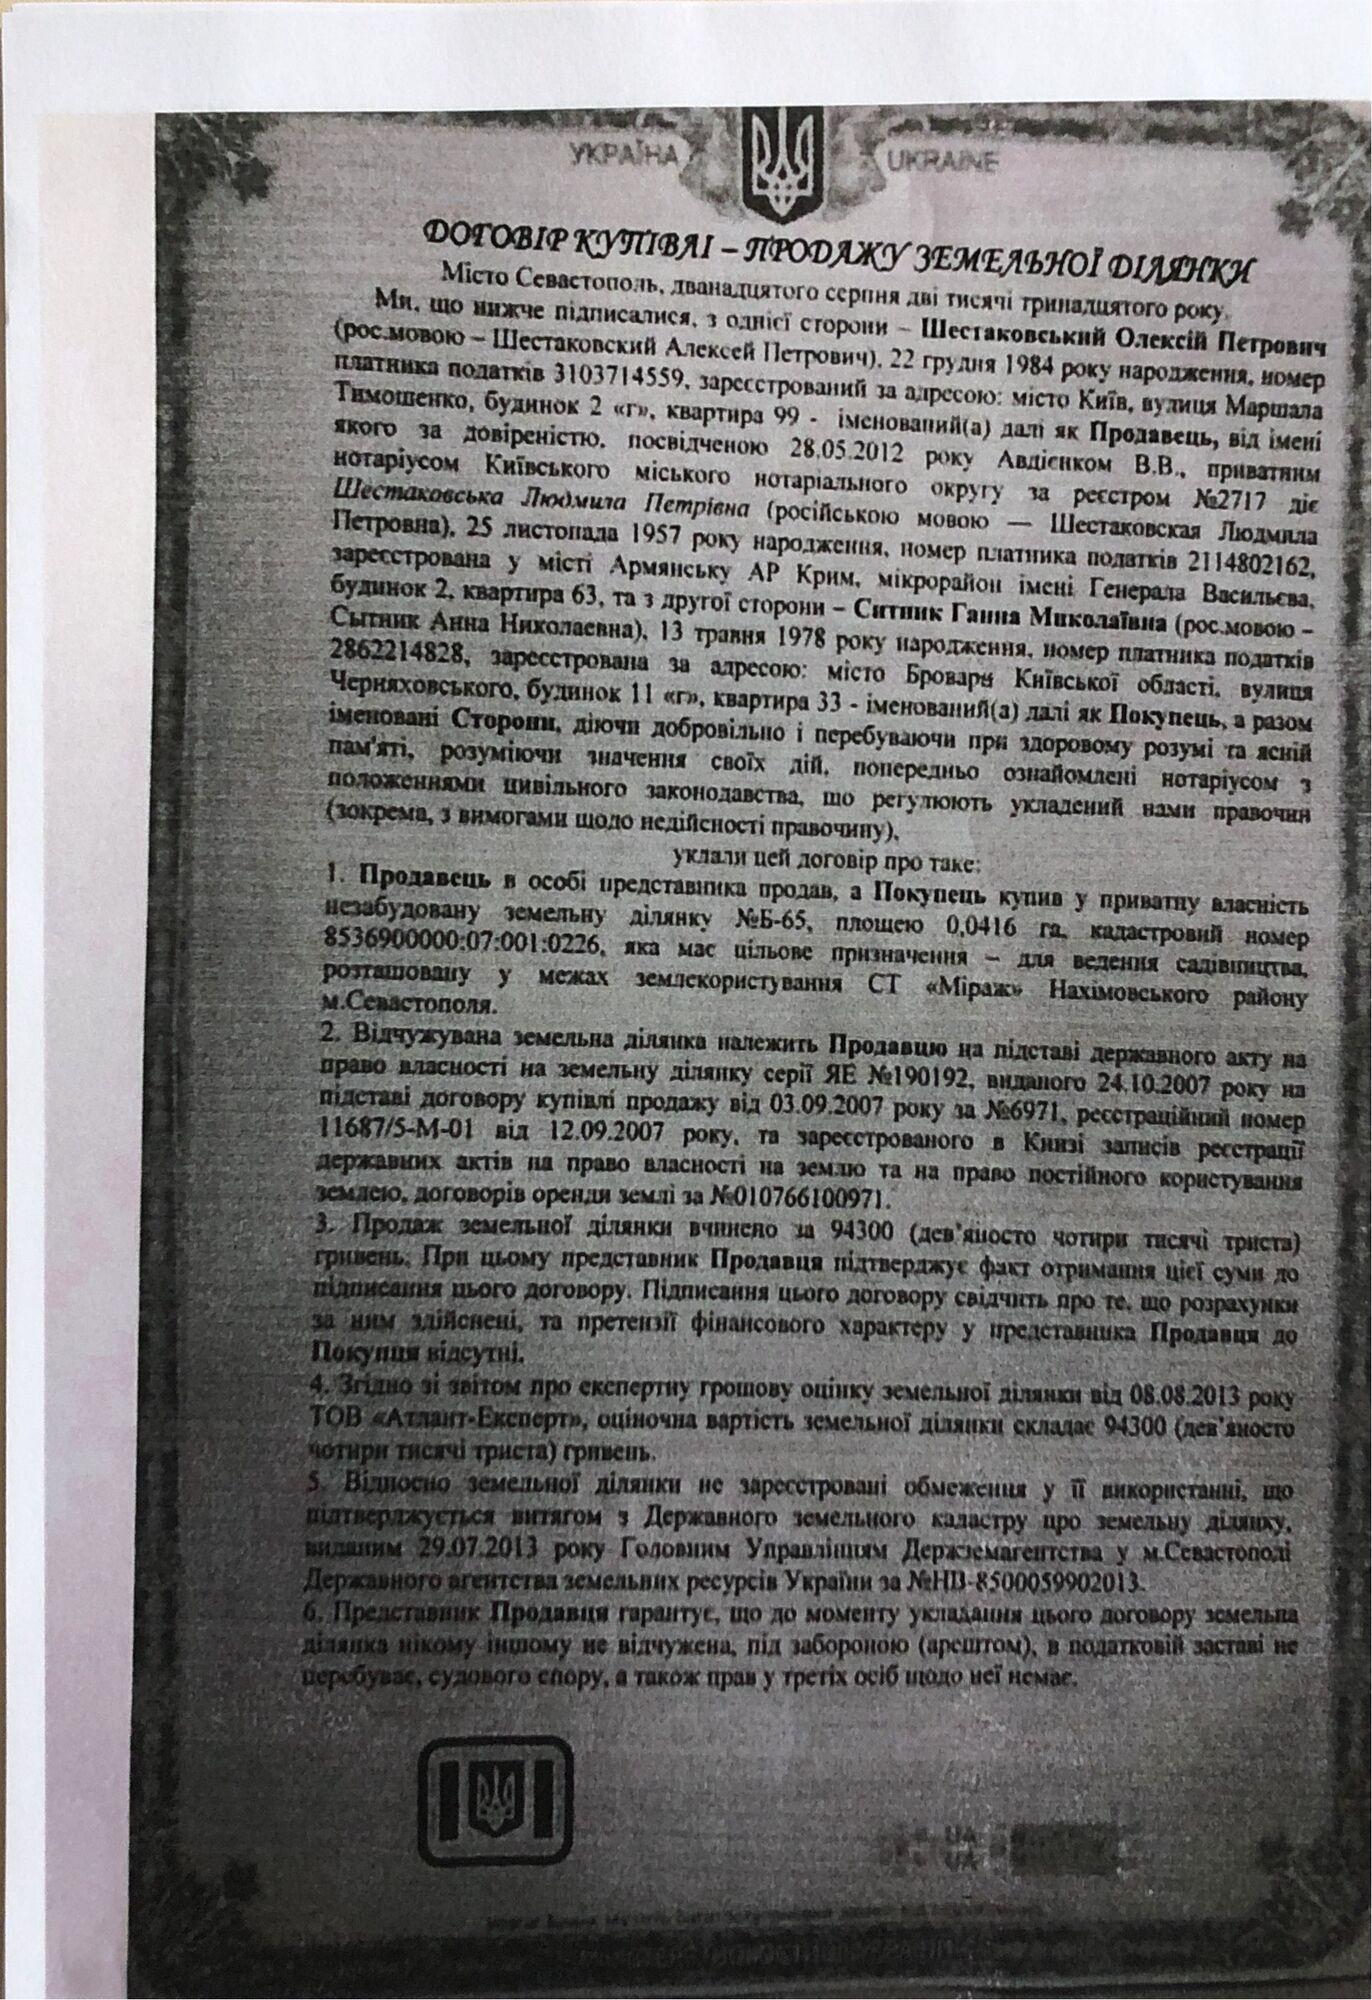 Сытник не задекларировал 1 млн рублей от продажи недвижимости в Крыму